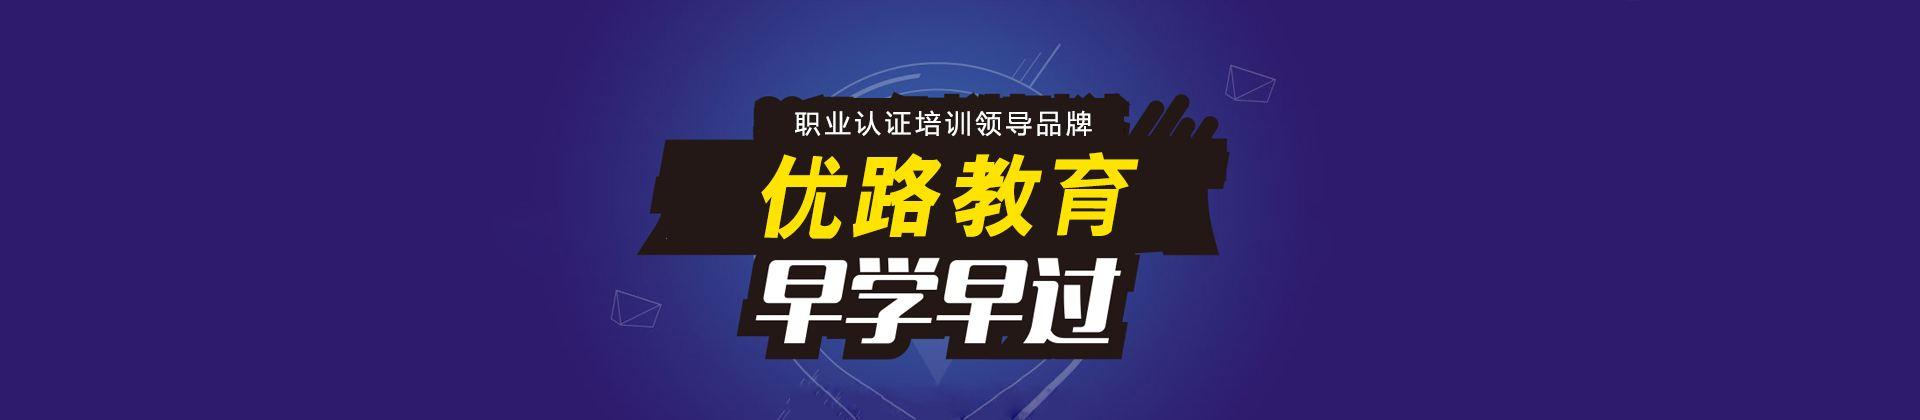 广西梧州优路教育培训学校